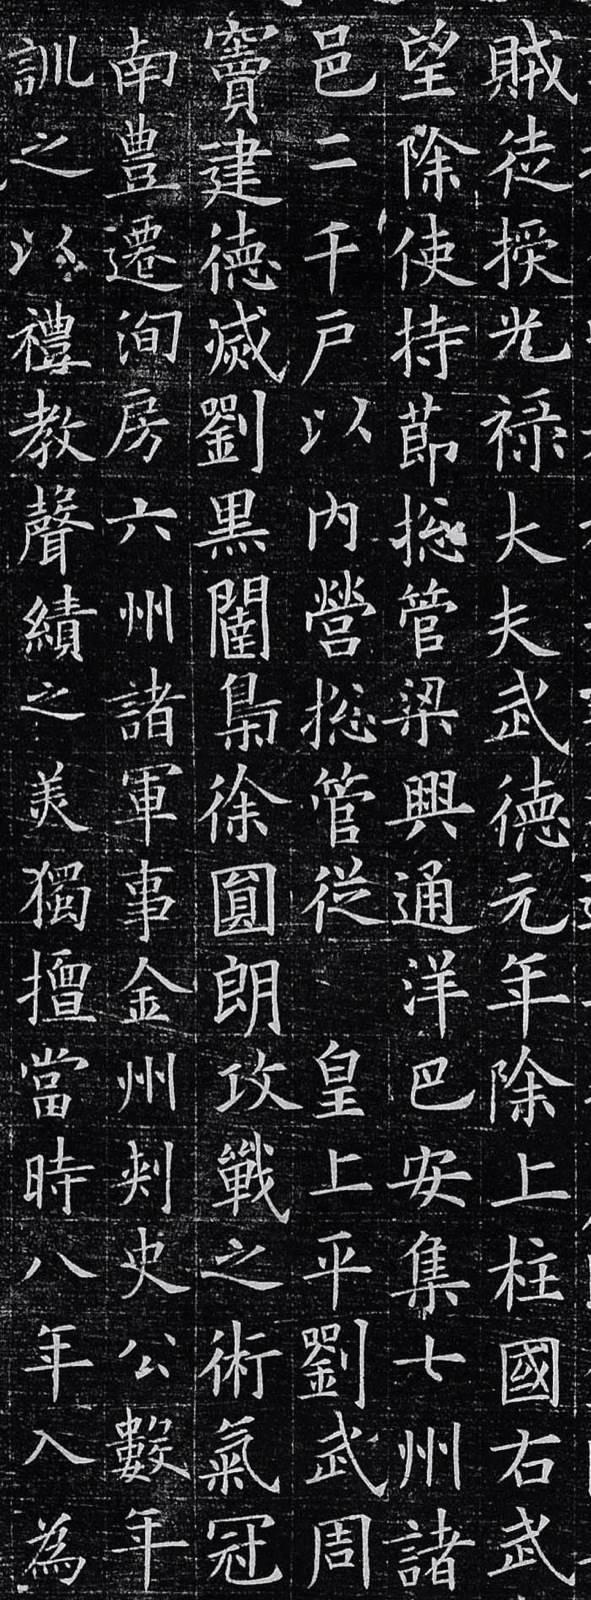 书法欣赏欧阳询小楷《李公墓志》